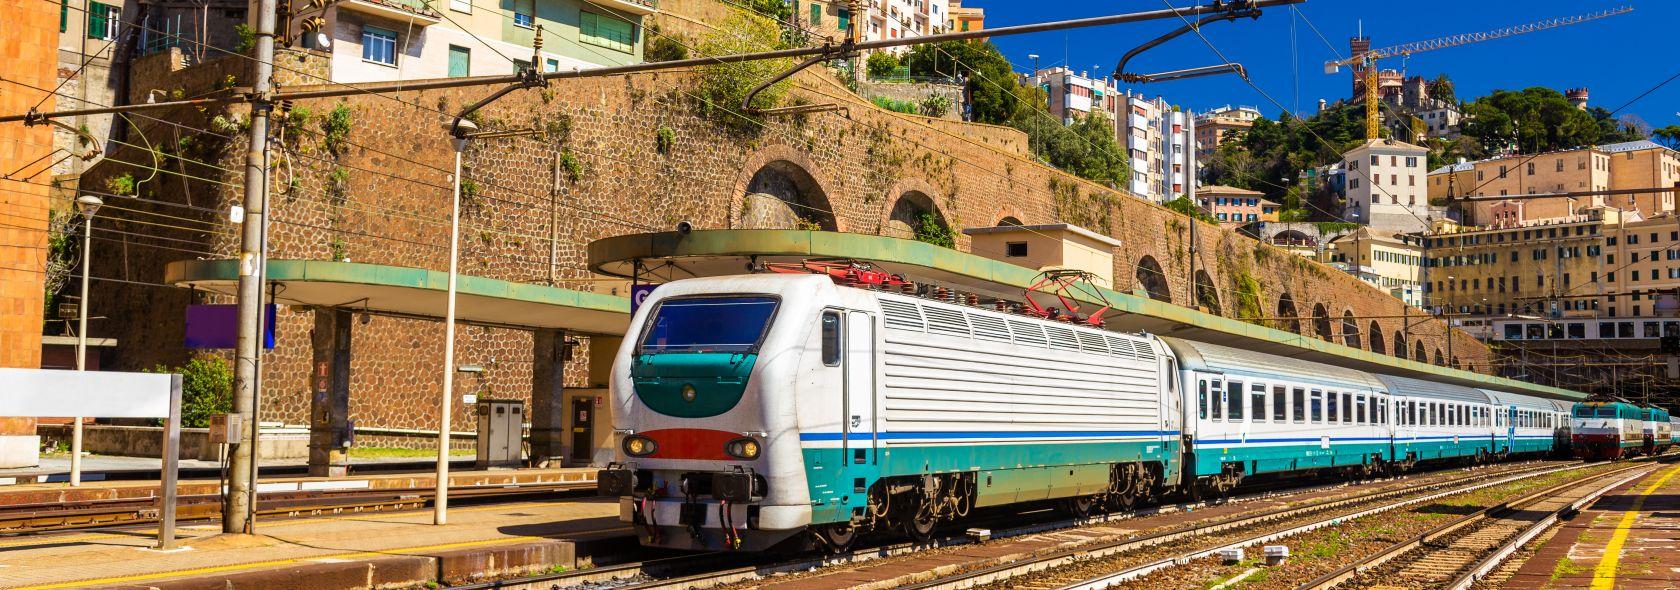 Treno di passaggio a Genova Piazza Principe